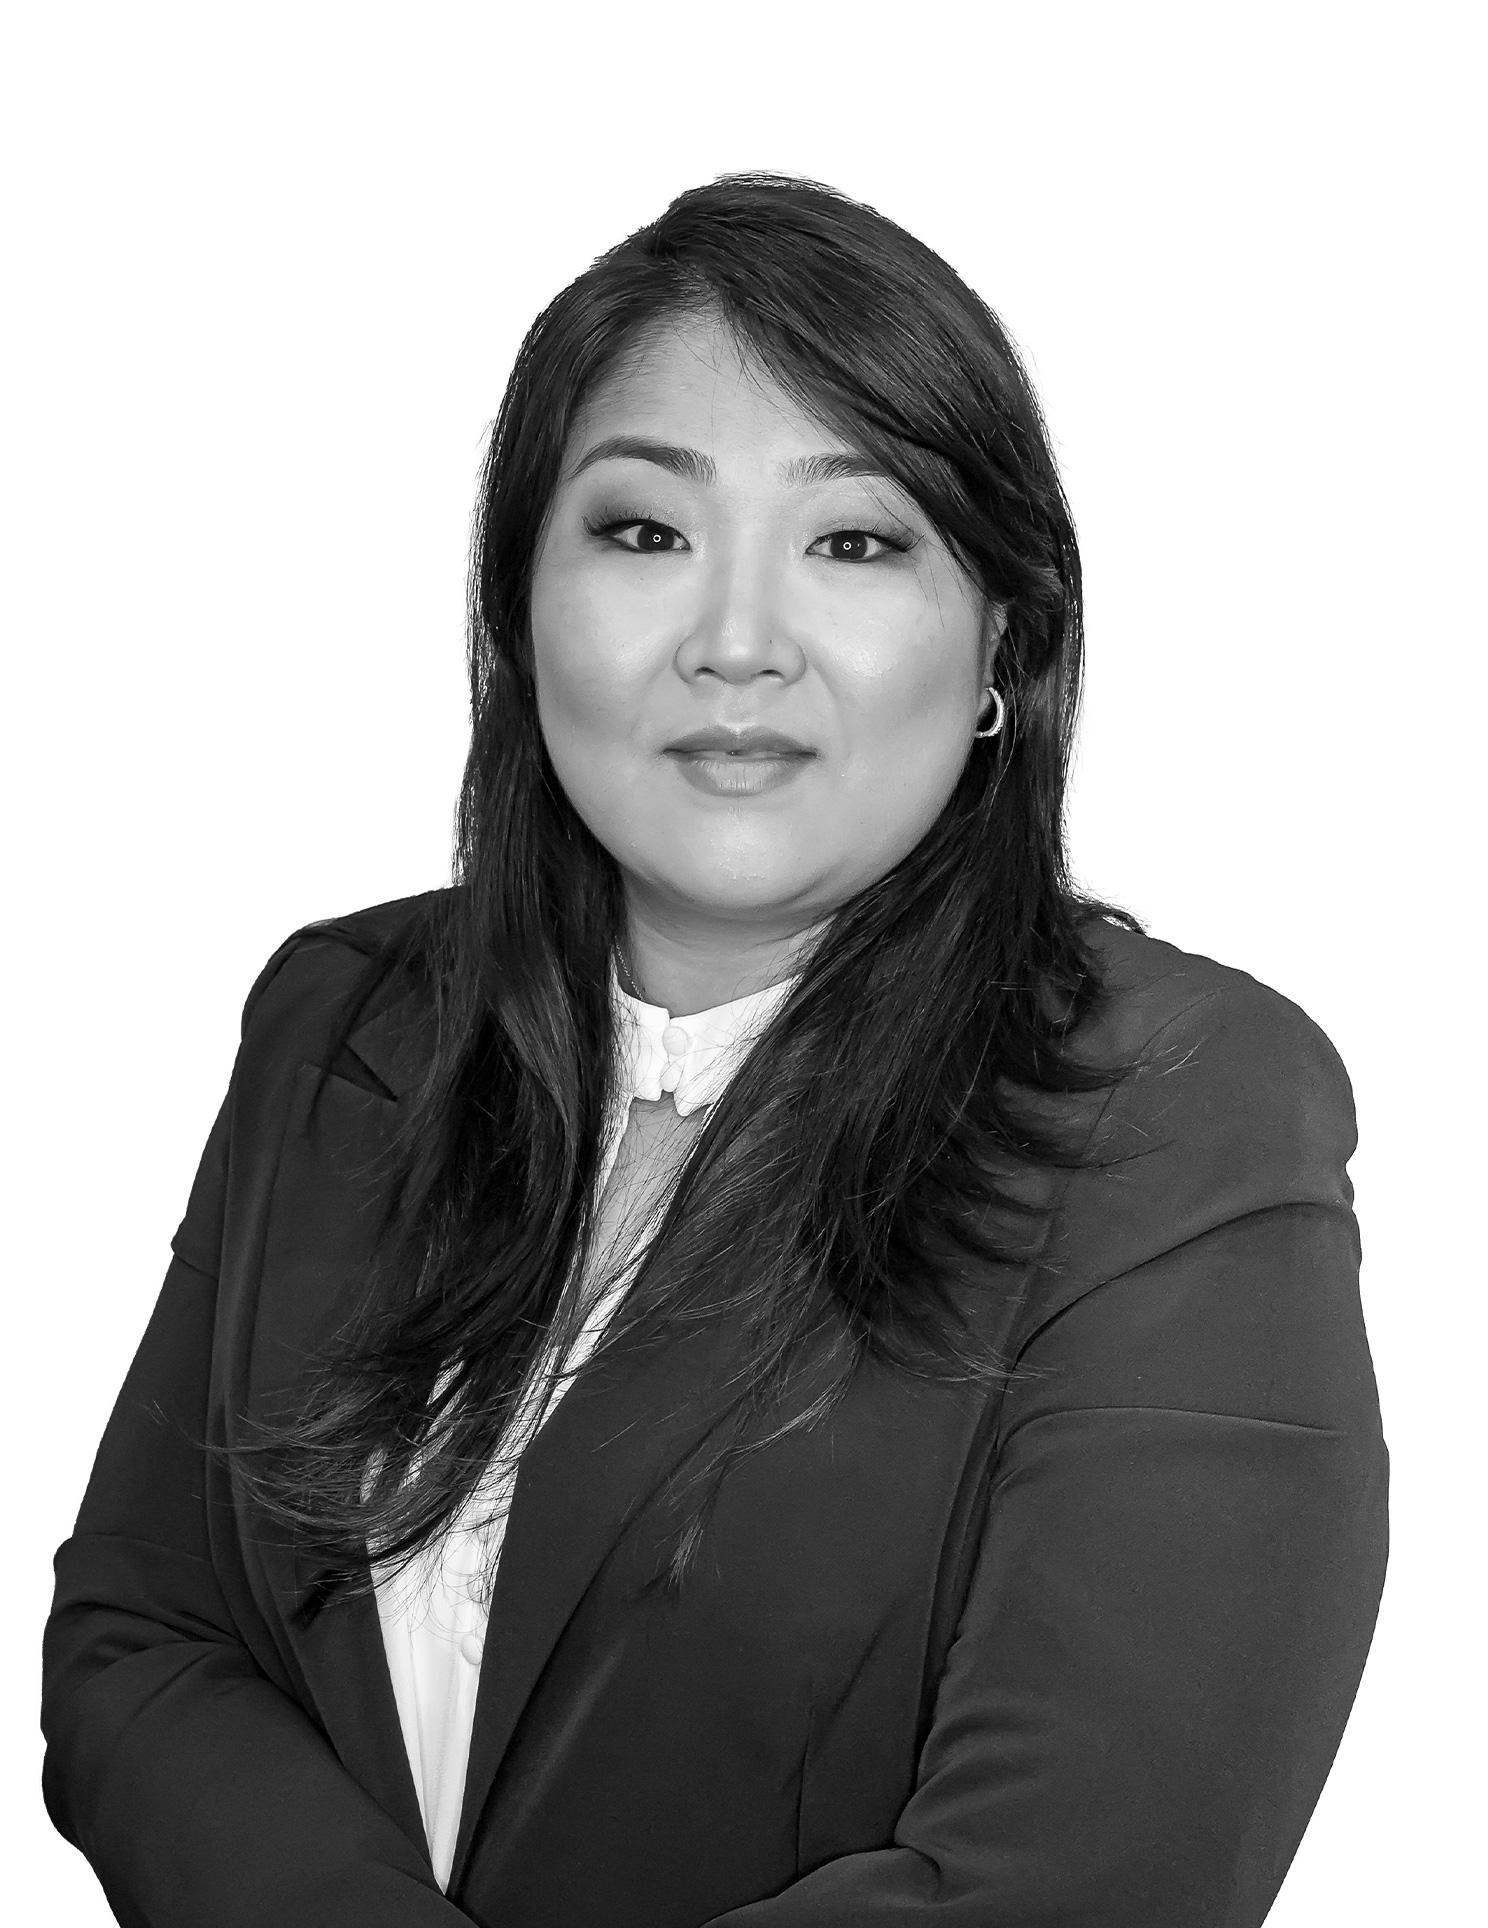 Daniela Mayumi Tanaka